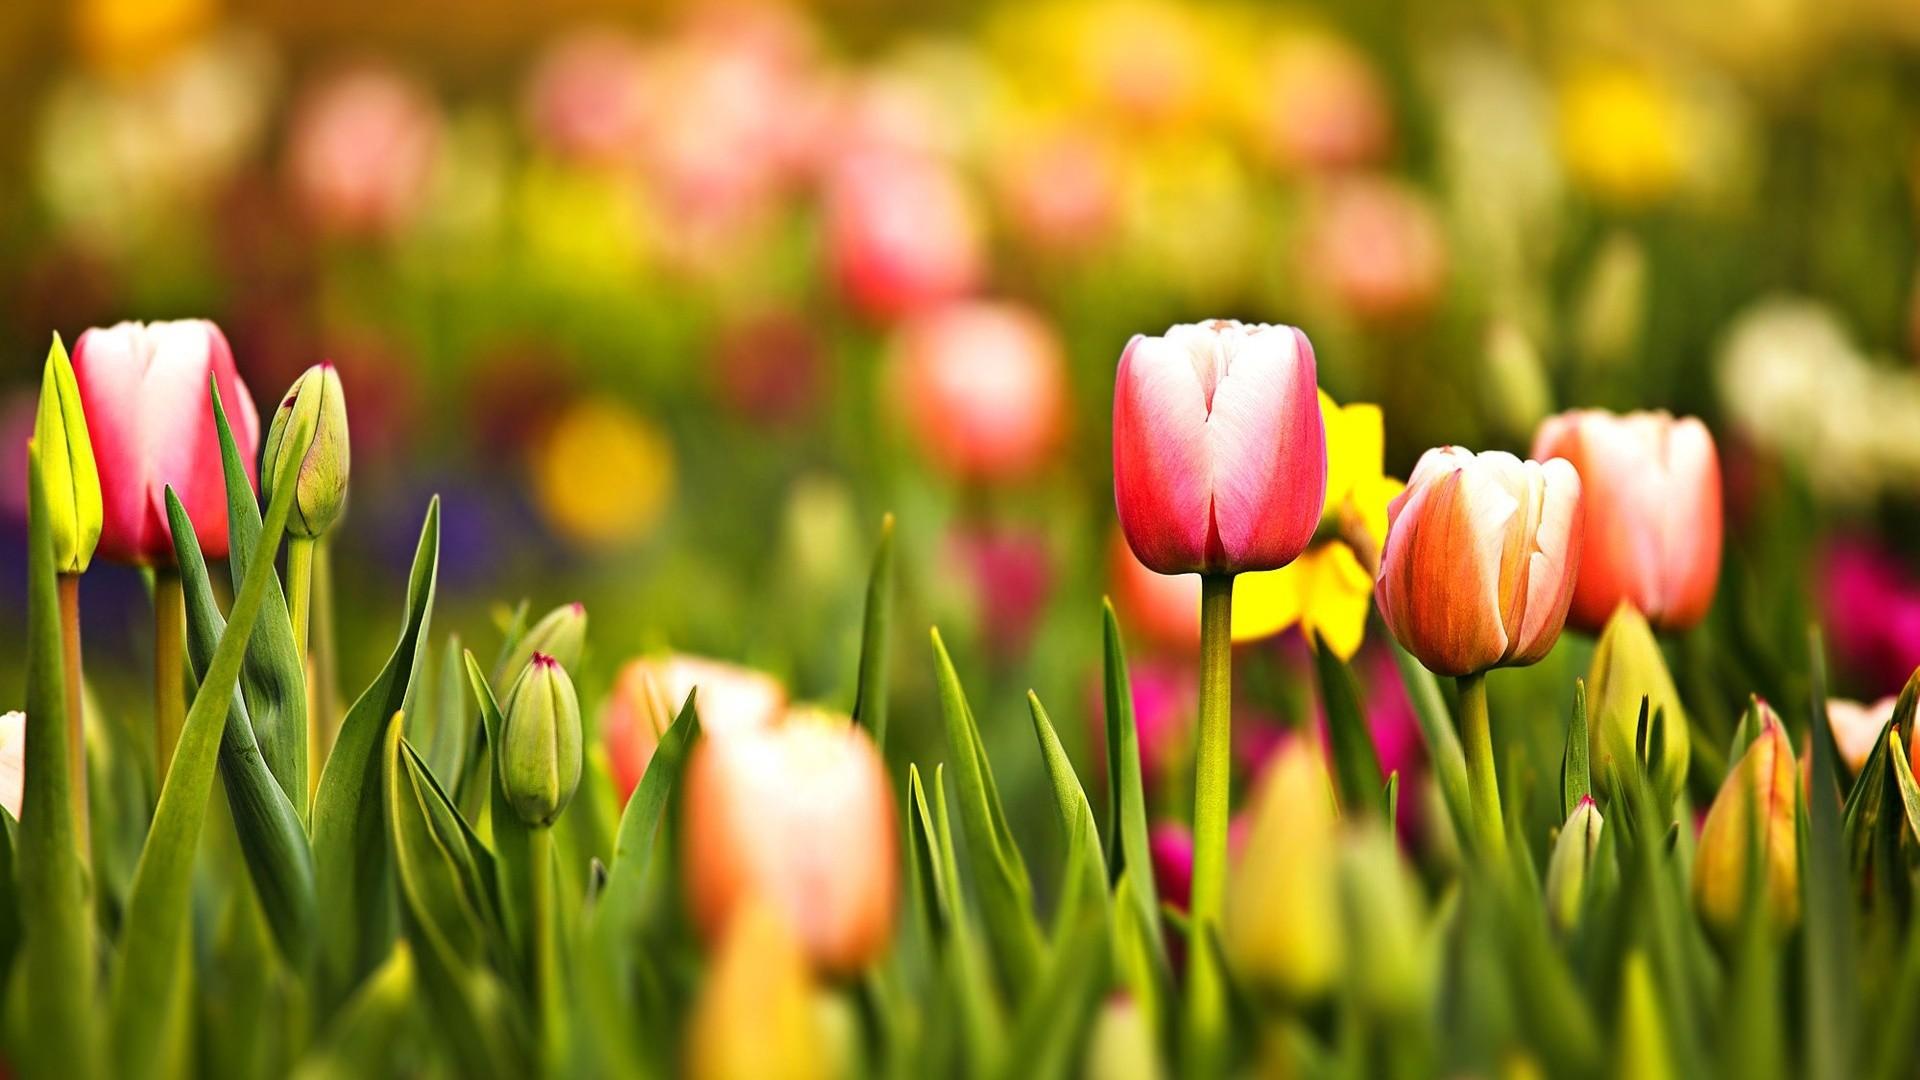 Free Desktop Wallpapers Tulips Wallpapers Wide Tulips HDQ